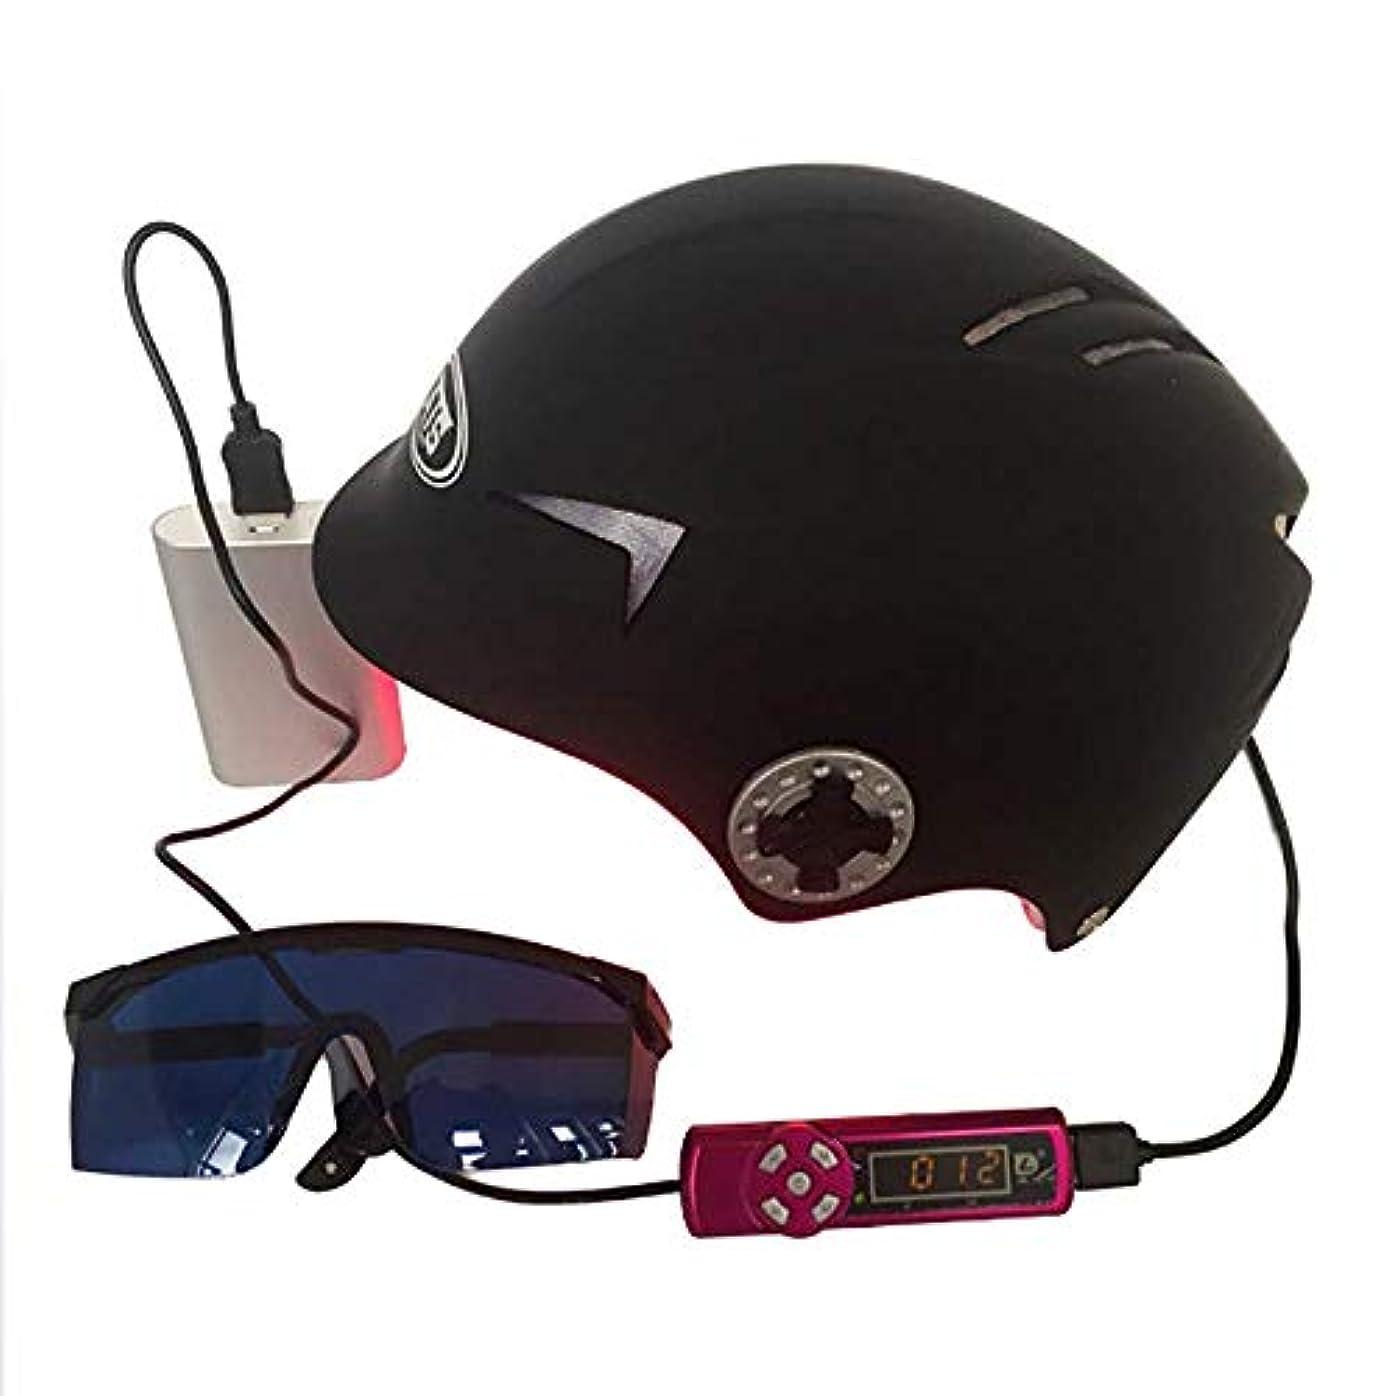 理容師船酔いネスト育毛ヘルメット急成長脱毛ソリューション男性と女性のダイオード治療ヘア帽子,128